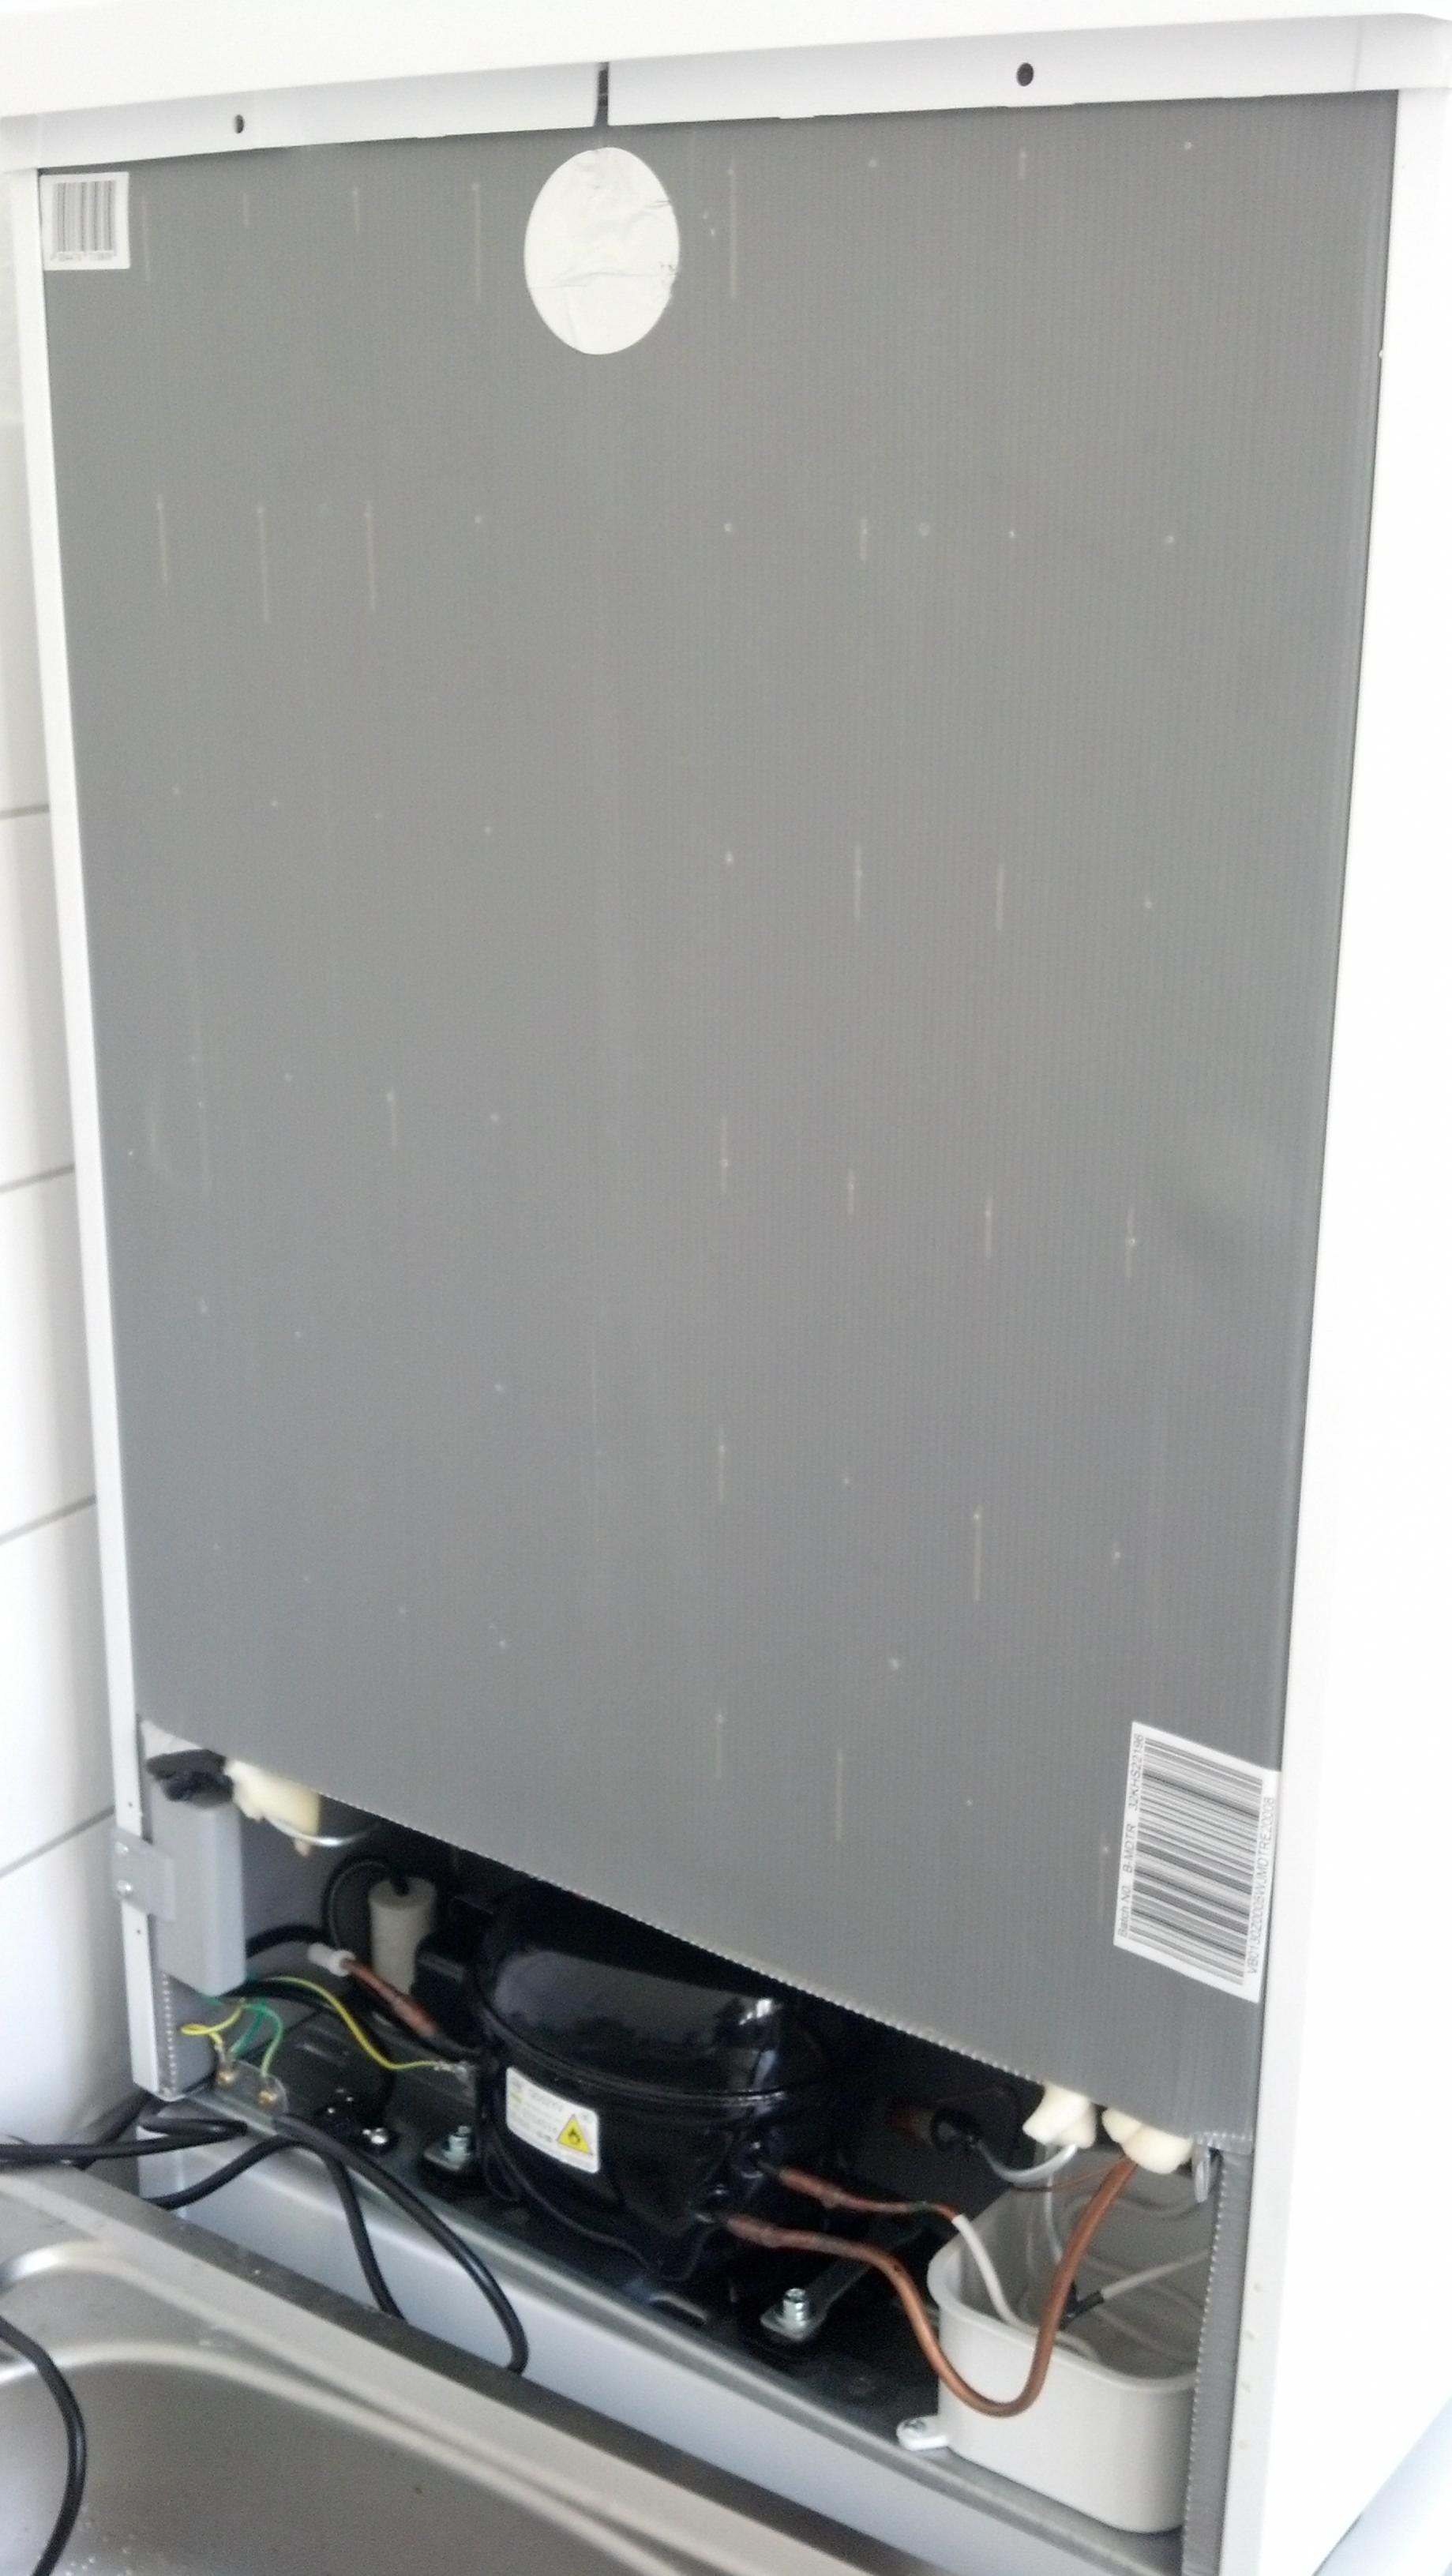 Kühlschrank installieren - ComputerBase Forum